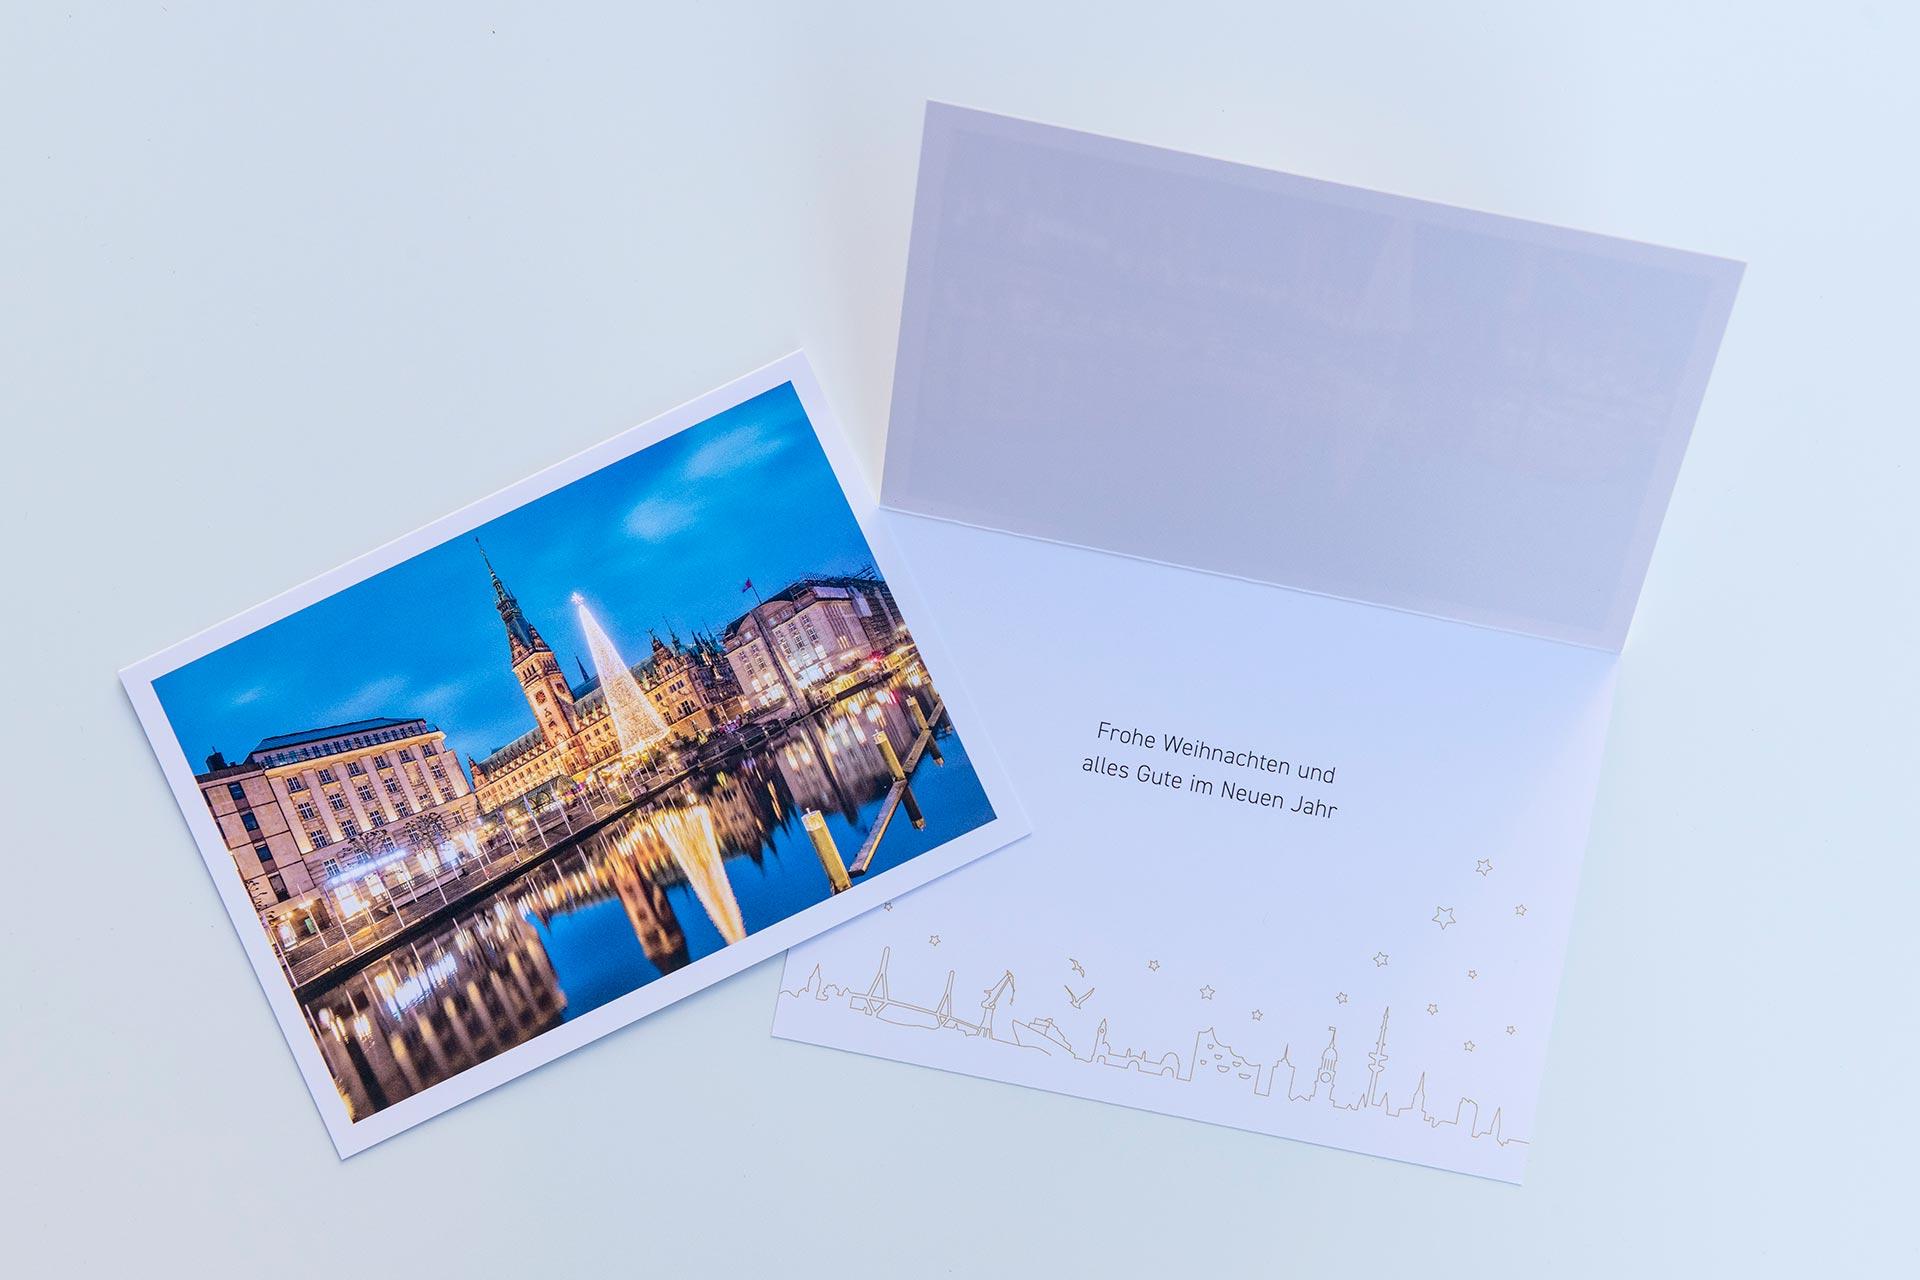 wk2020-klappkarte-weihnachtskarte-hamburg-michel-und-elbe-01